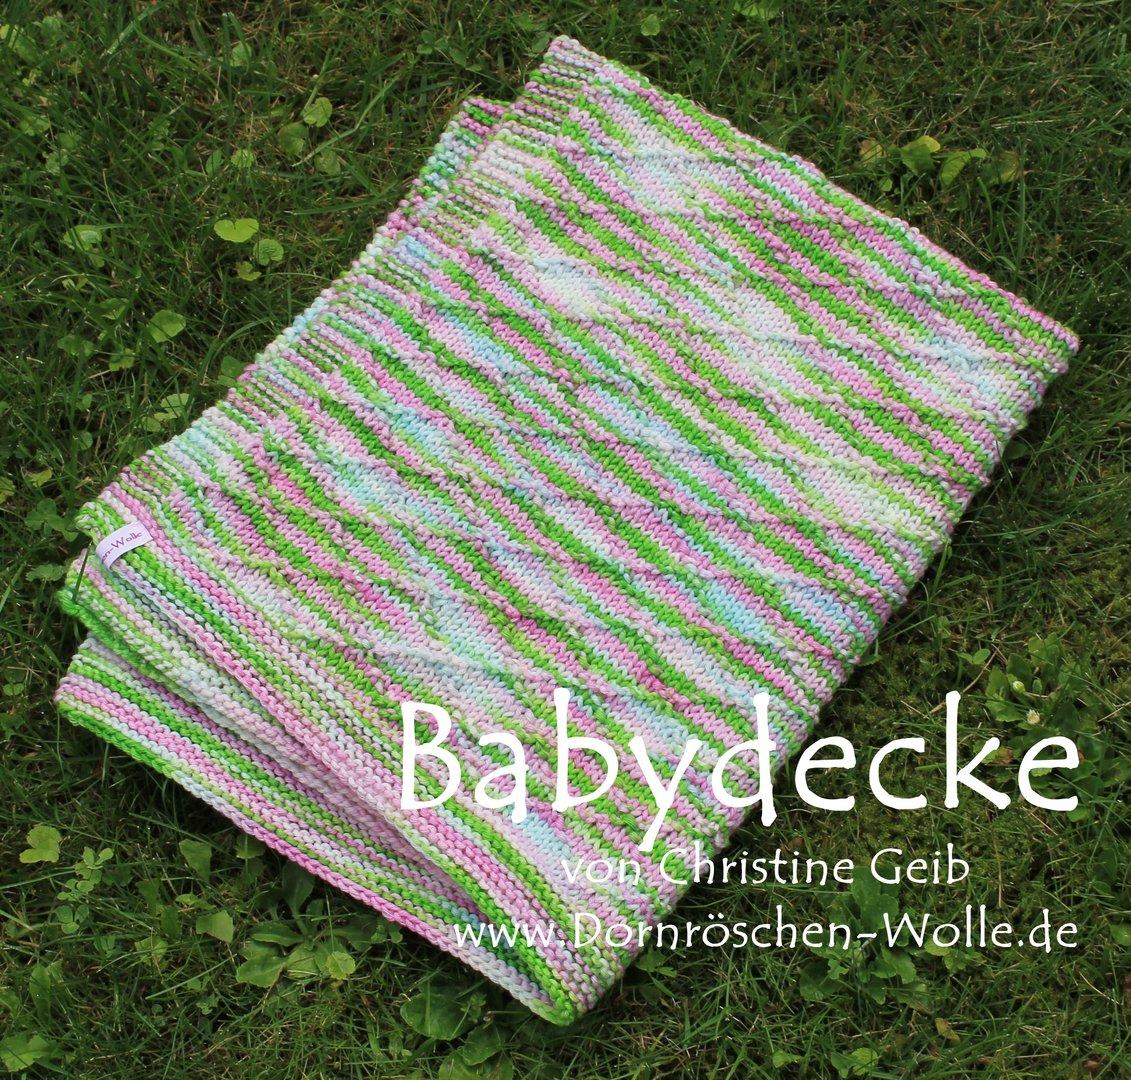 Häufig Strickanleitung Babydecke zum Herunterladen - Dornröschen-Wolle.de GN81